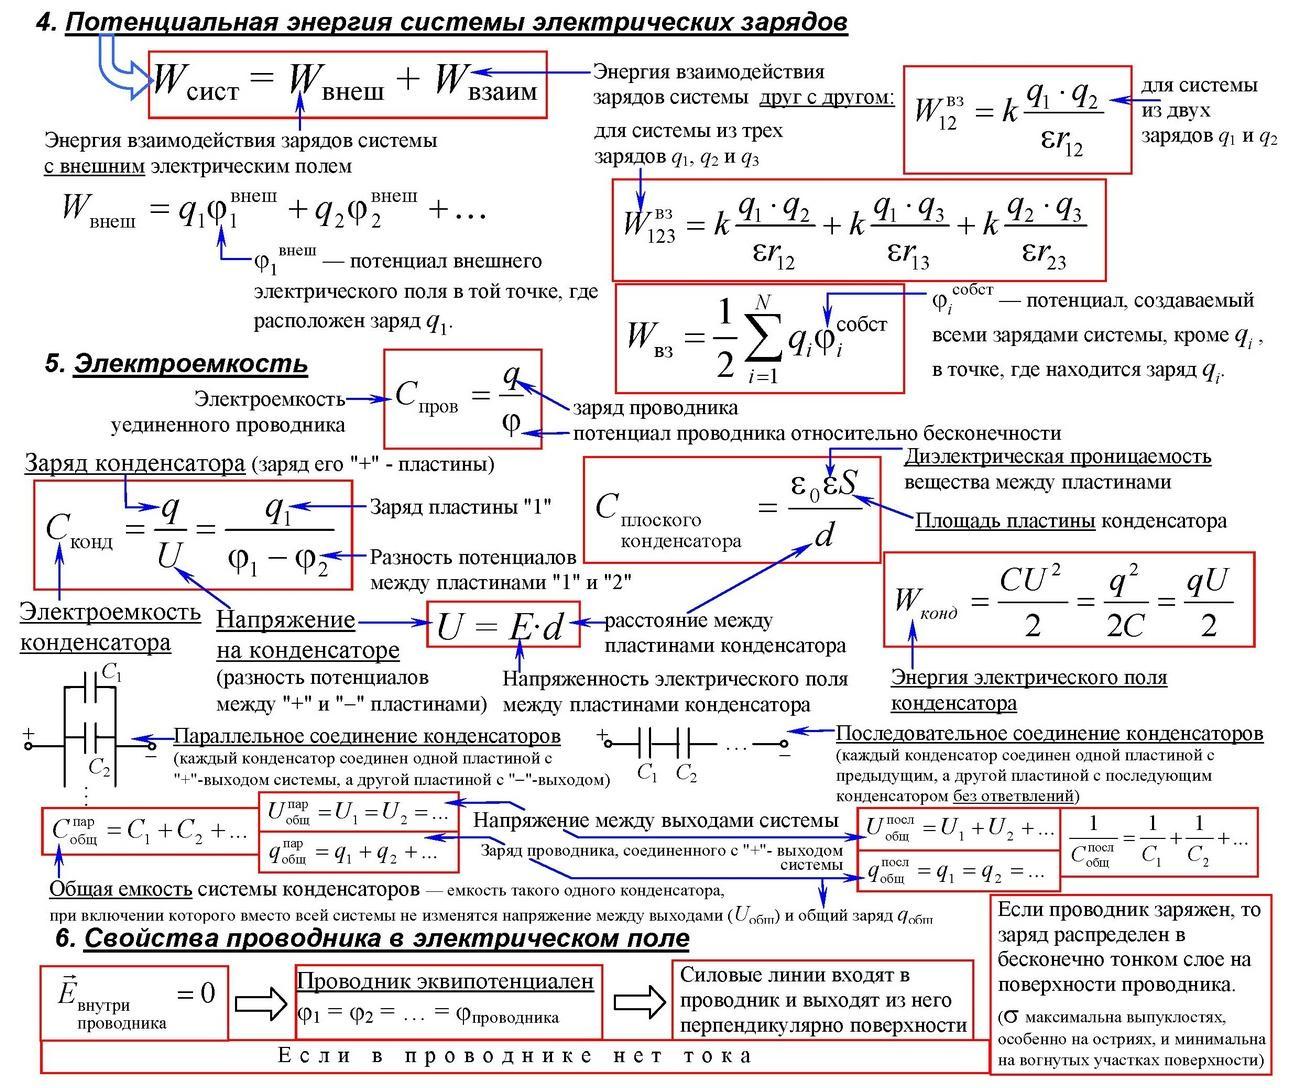 Потенциальная энергия системы электрических зарядов. Автор24 — интернет-биржа студенческих работ